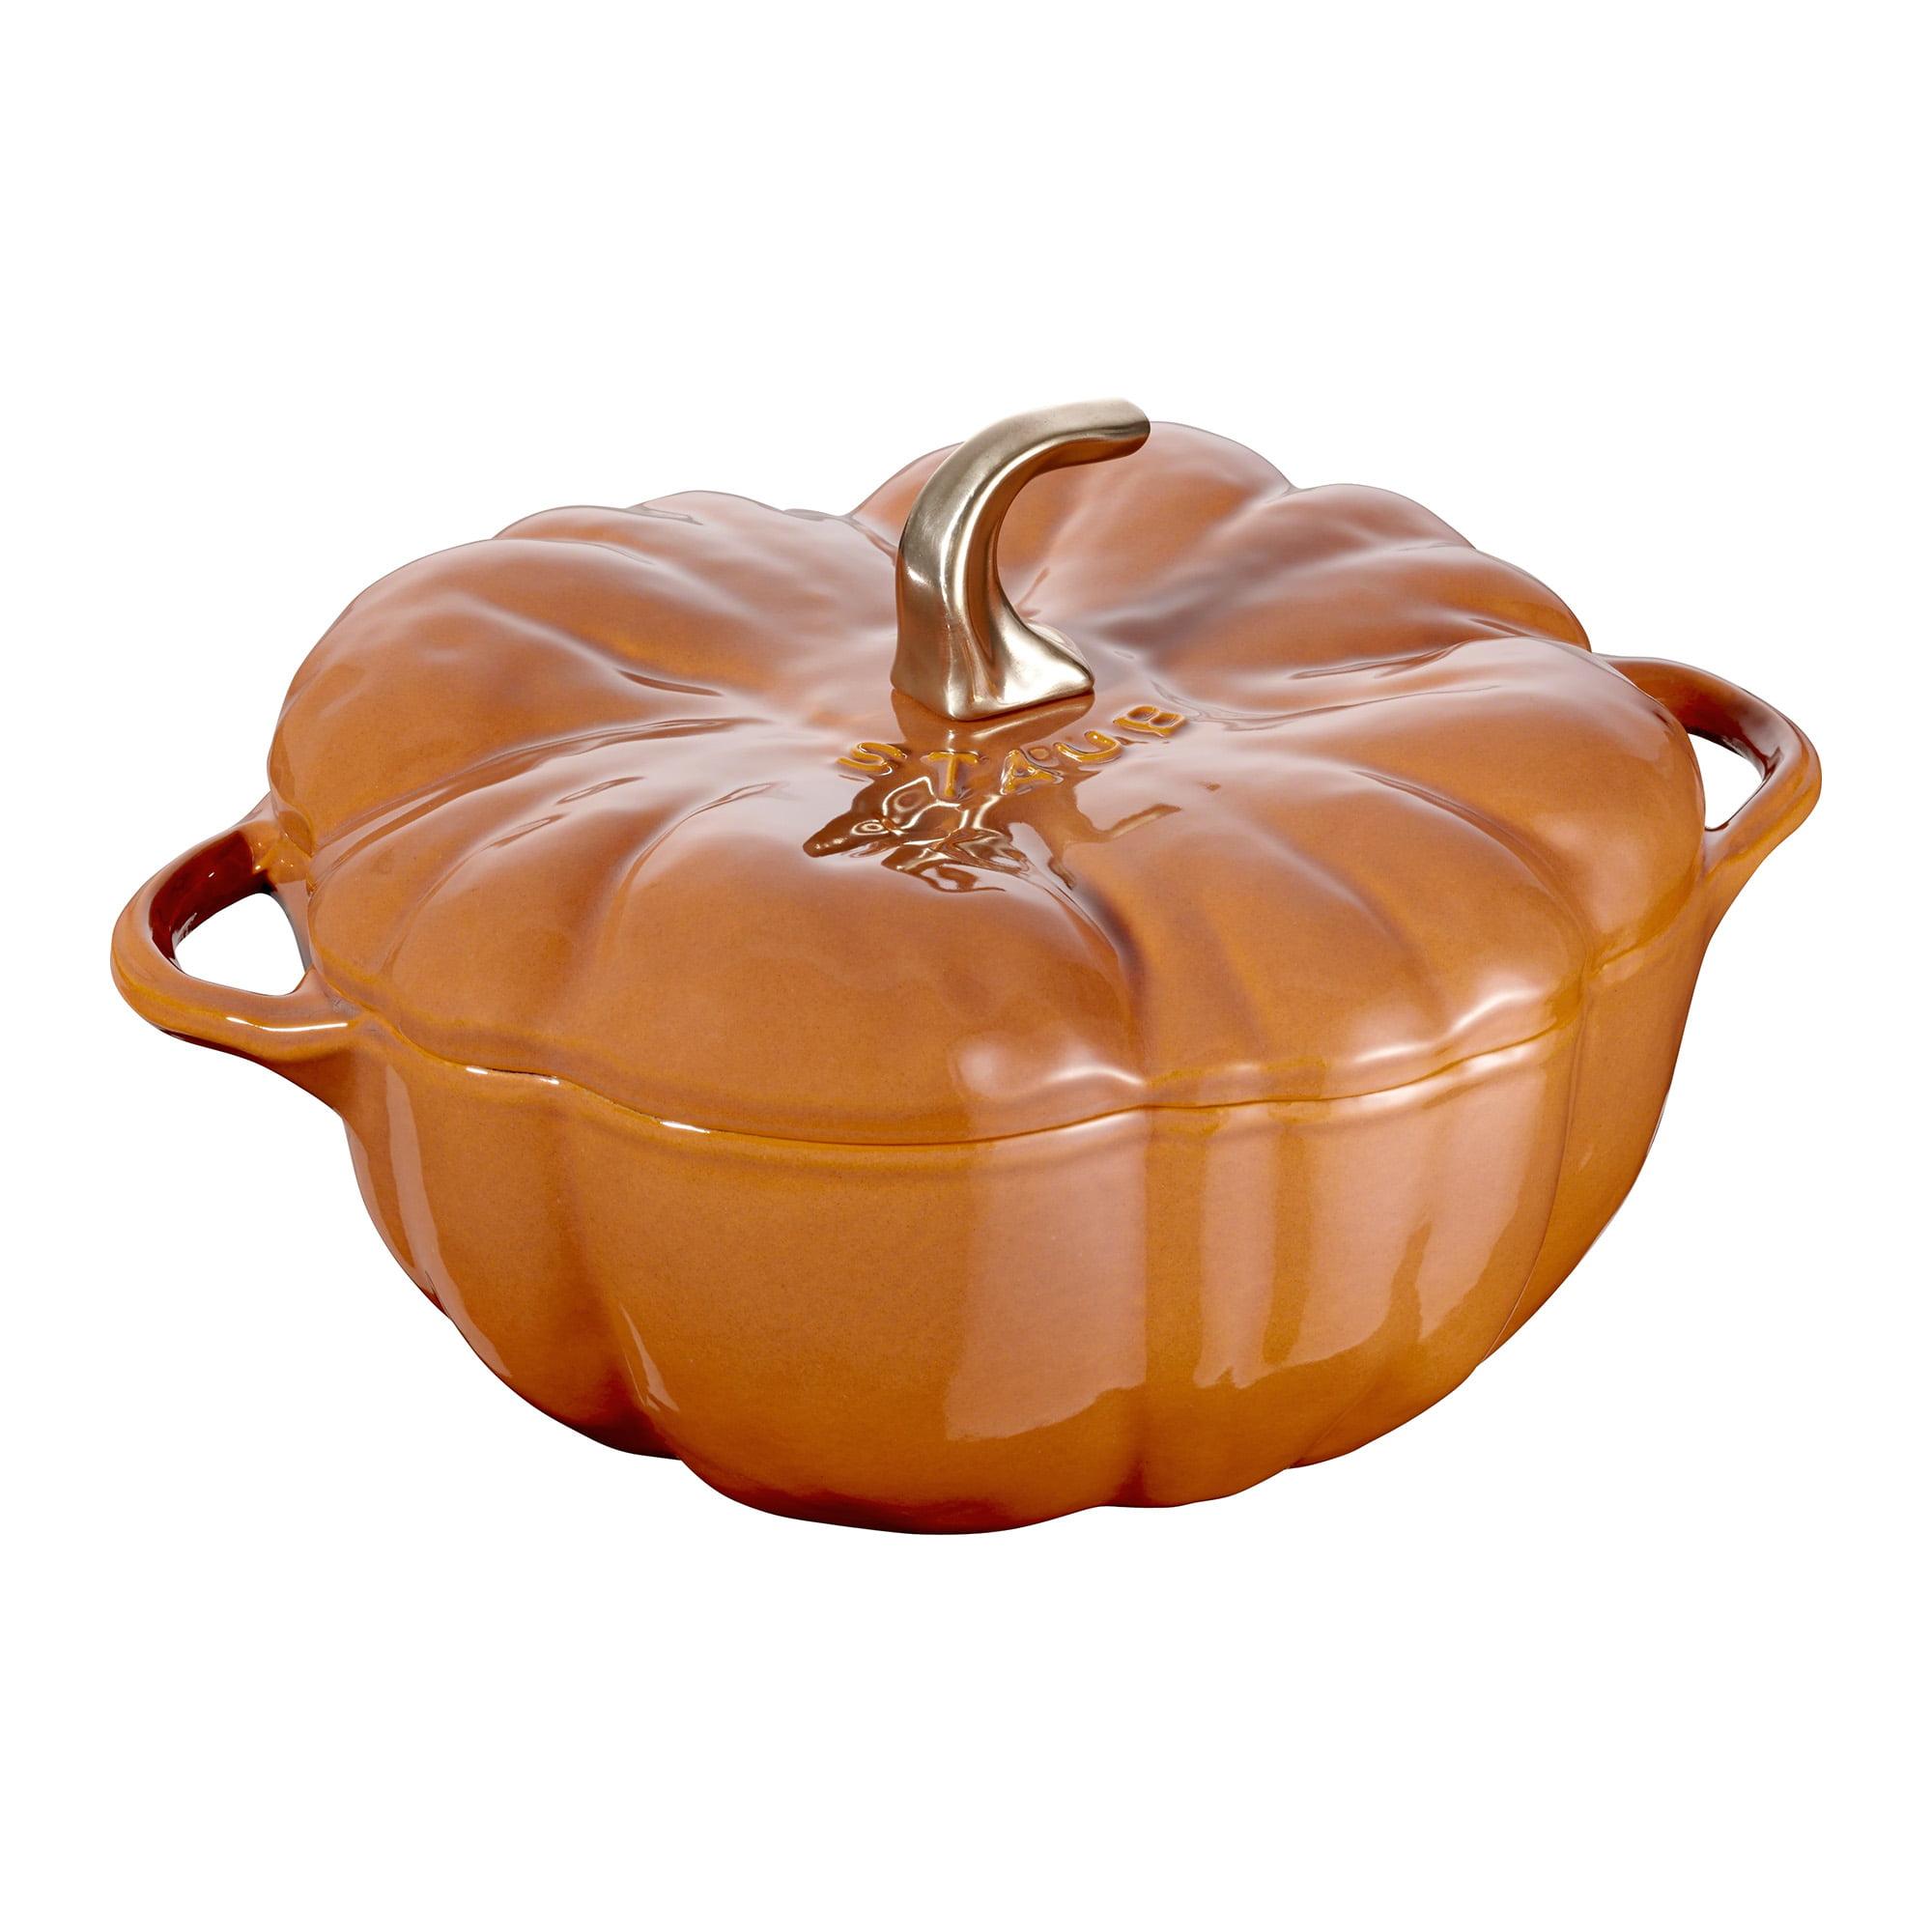 Staub Cast Iron 5-qt Pumpkin Cocotte - Burnt Orange